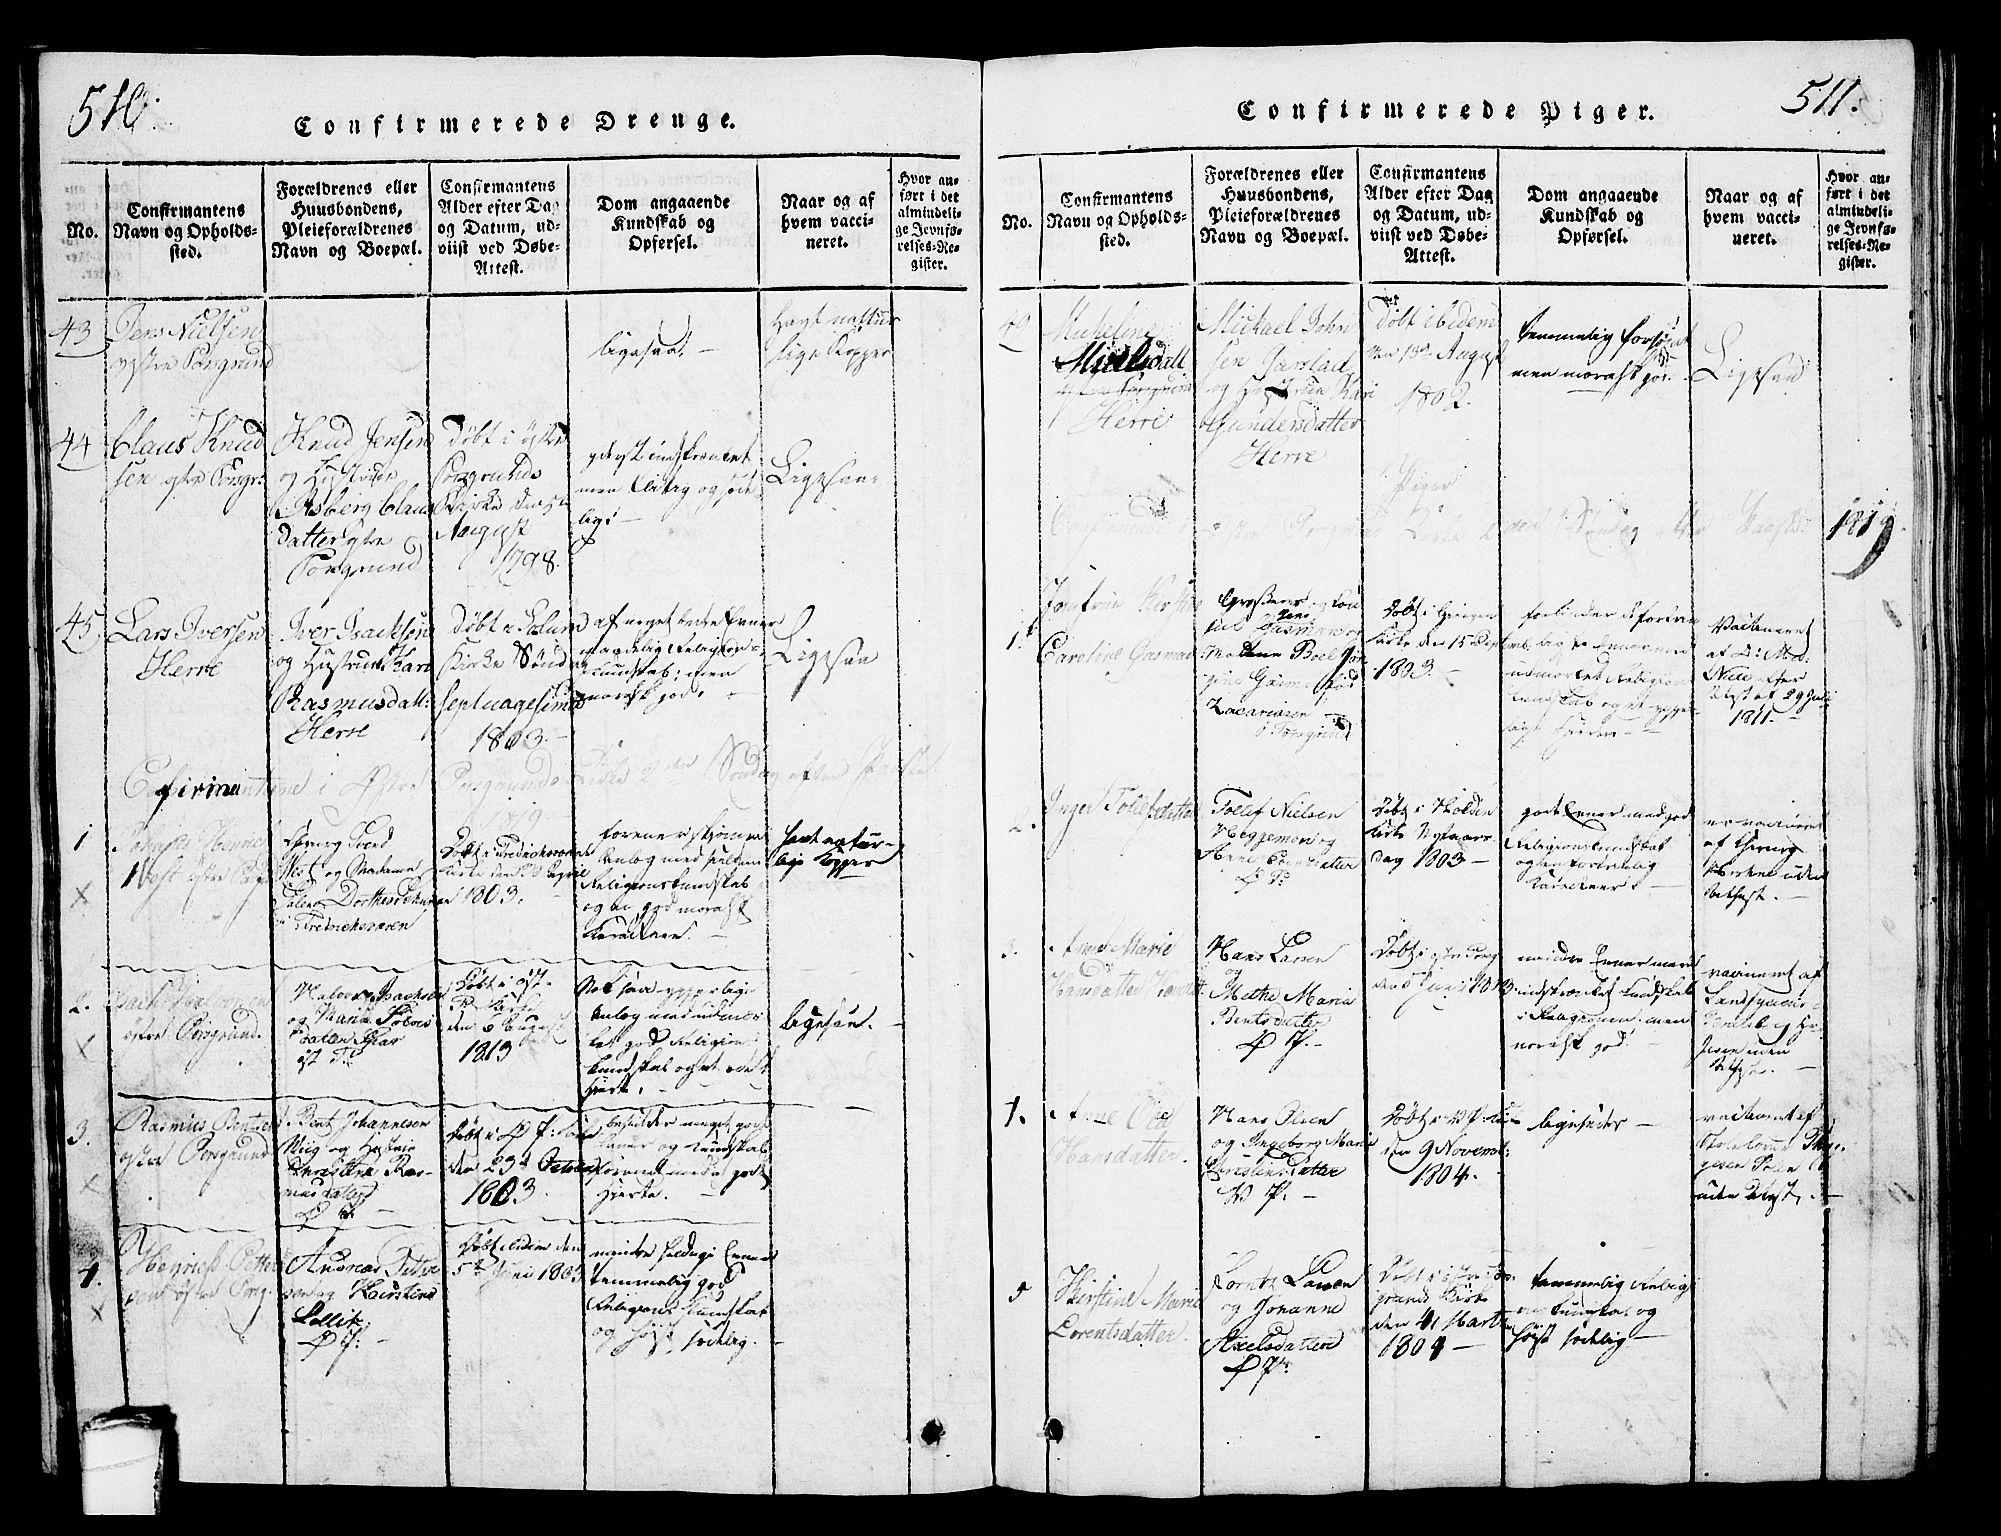 SAKO, Porsgrunn kirkebøker , G/Gb/L0001: Klokkerbok nr. II 1, 1817-1828, s. 510-511